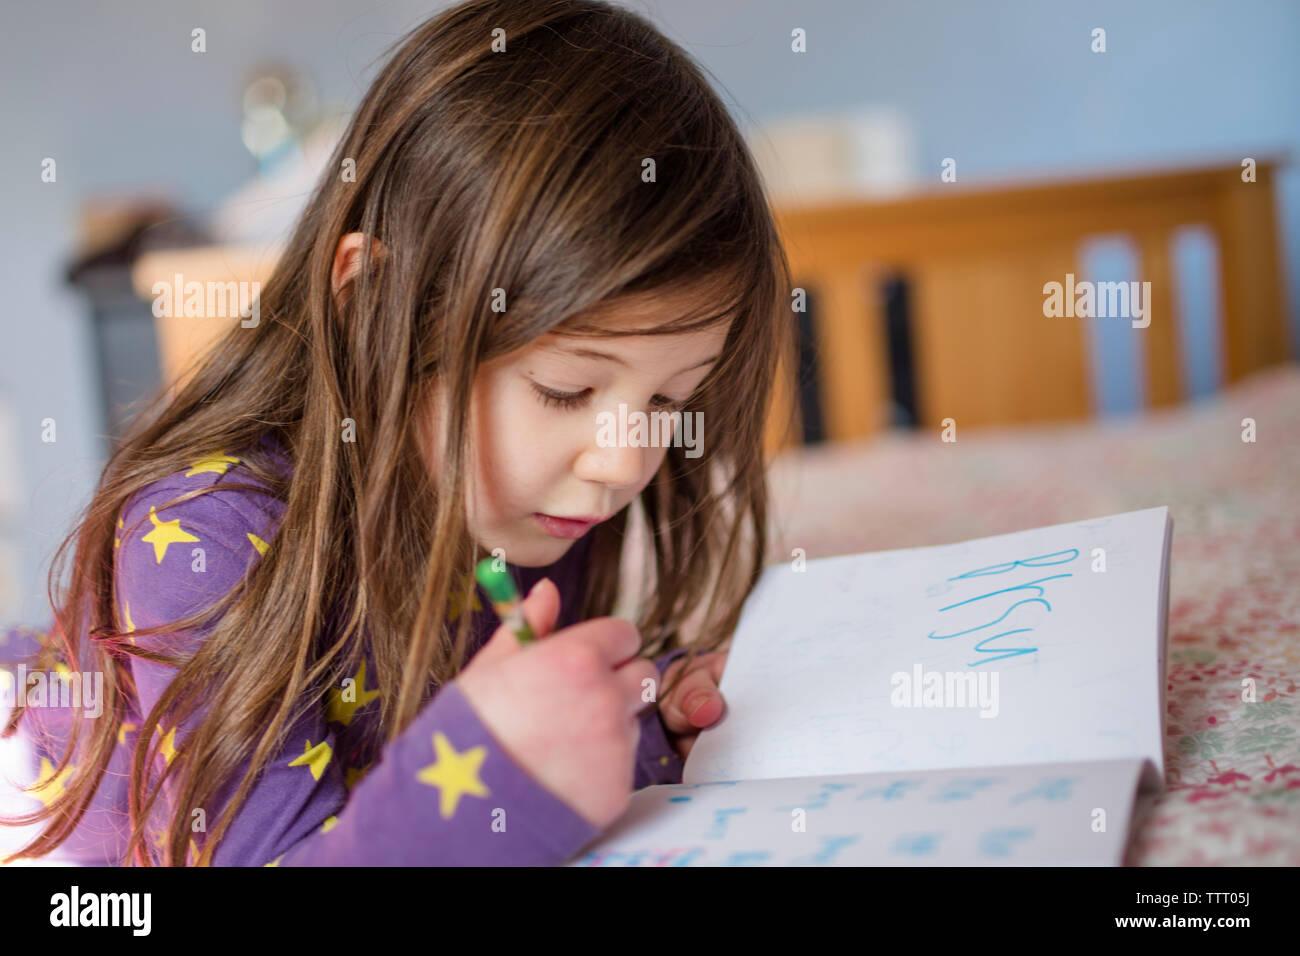 Ein kleines Mädchen leise arbeitet in ihrem Bett Wörter in ein Buch schreiben Stockfoto